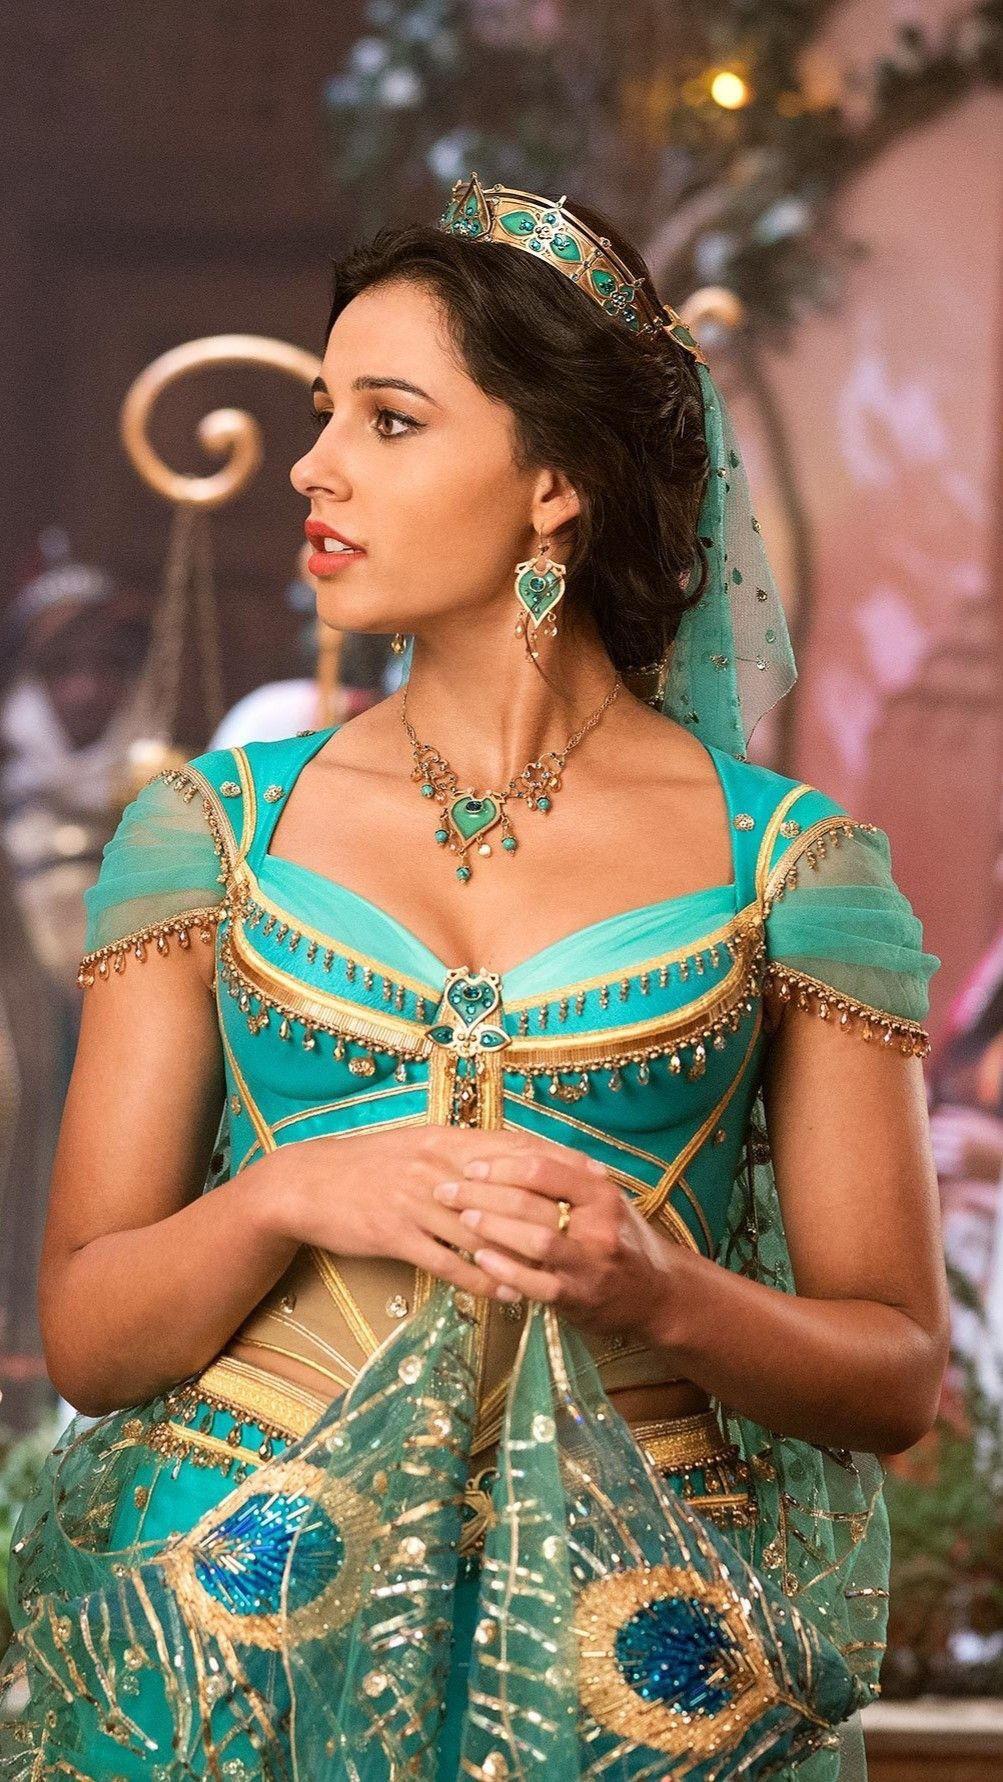 thời trang trong phim aladdin công chúa jasmine mặc đầm màu xanh hoạ tiết chim công